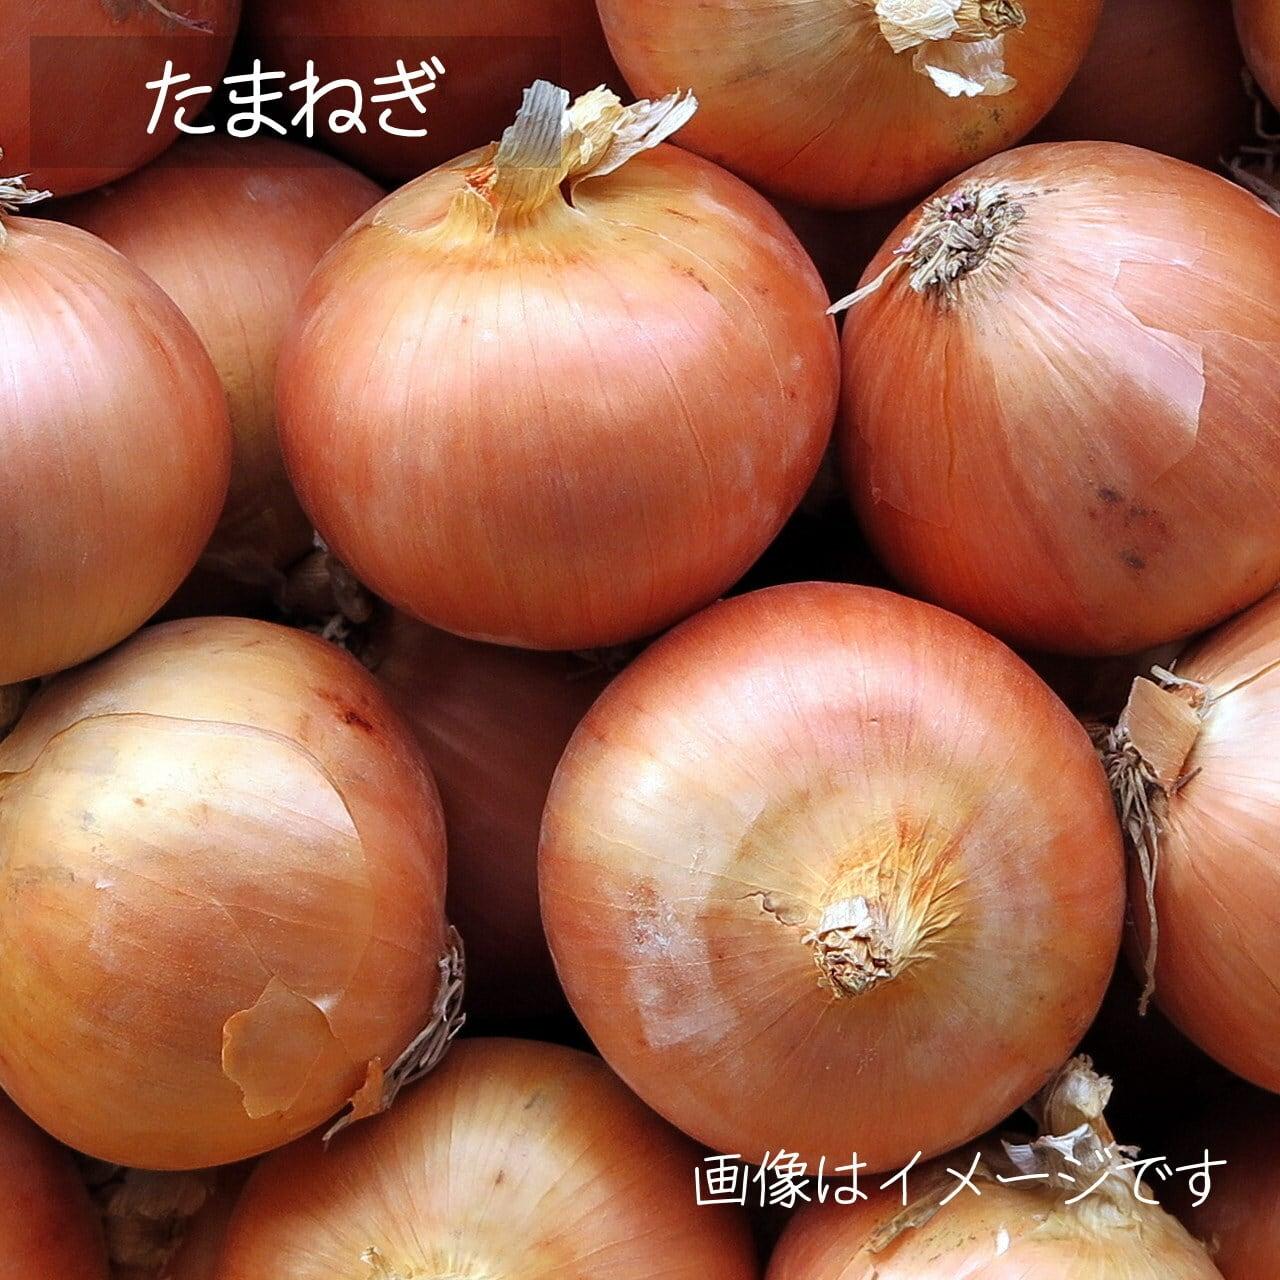 8月の朝採り直売野菜 : たまねぎ 約3~4個 新鮮な夏野菜 8月8日発送予定